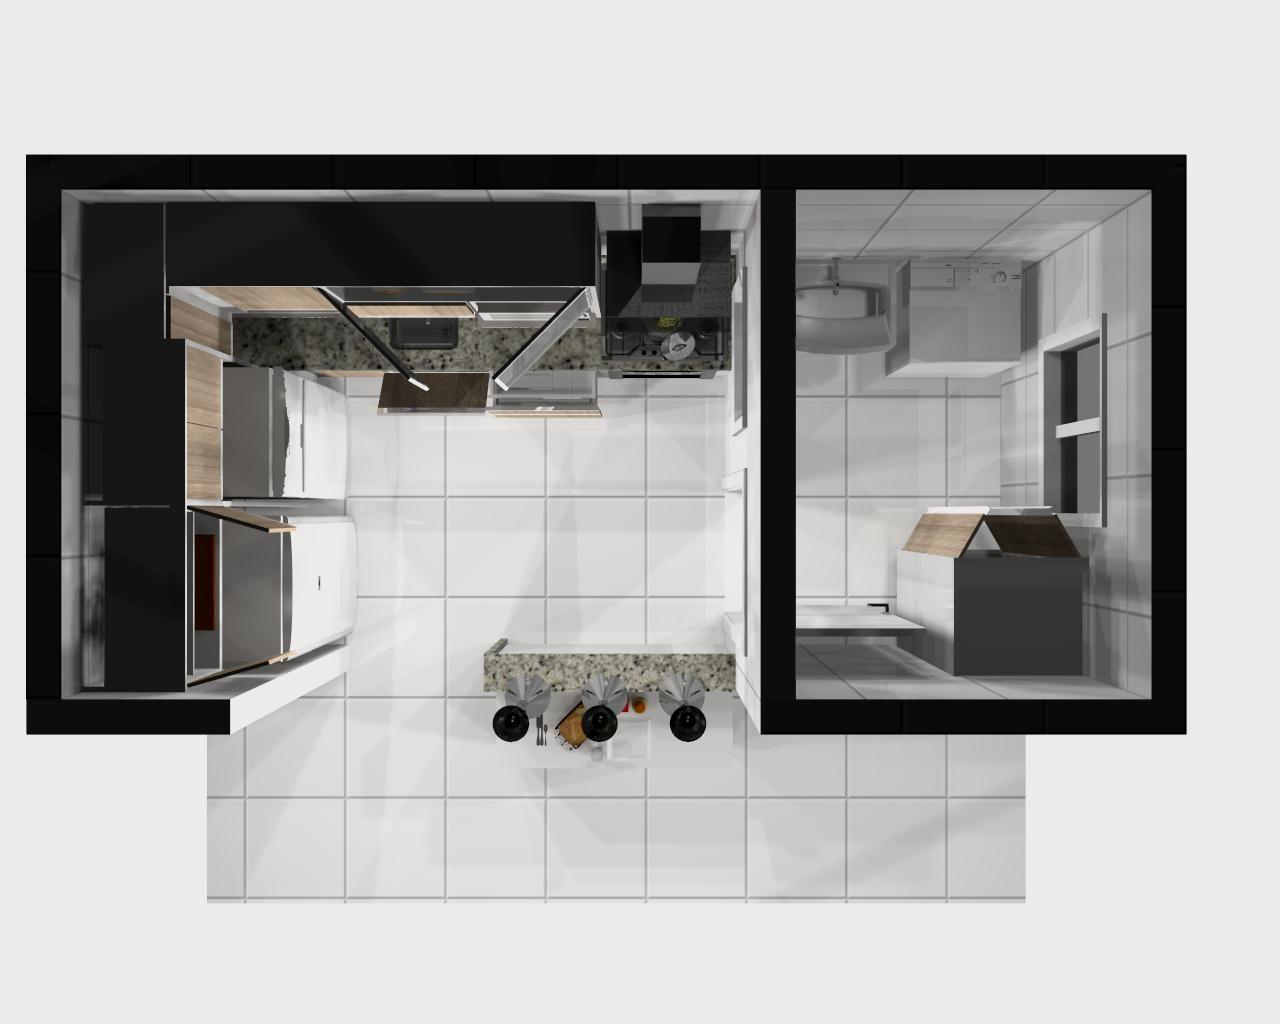 decoracoes.: Cozinha Branca com Teka Barcelona granito Branco Ceara #756656 1280x1024 Banheiro Com Granito Branco Ceara